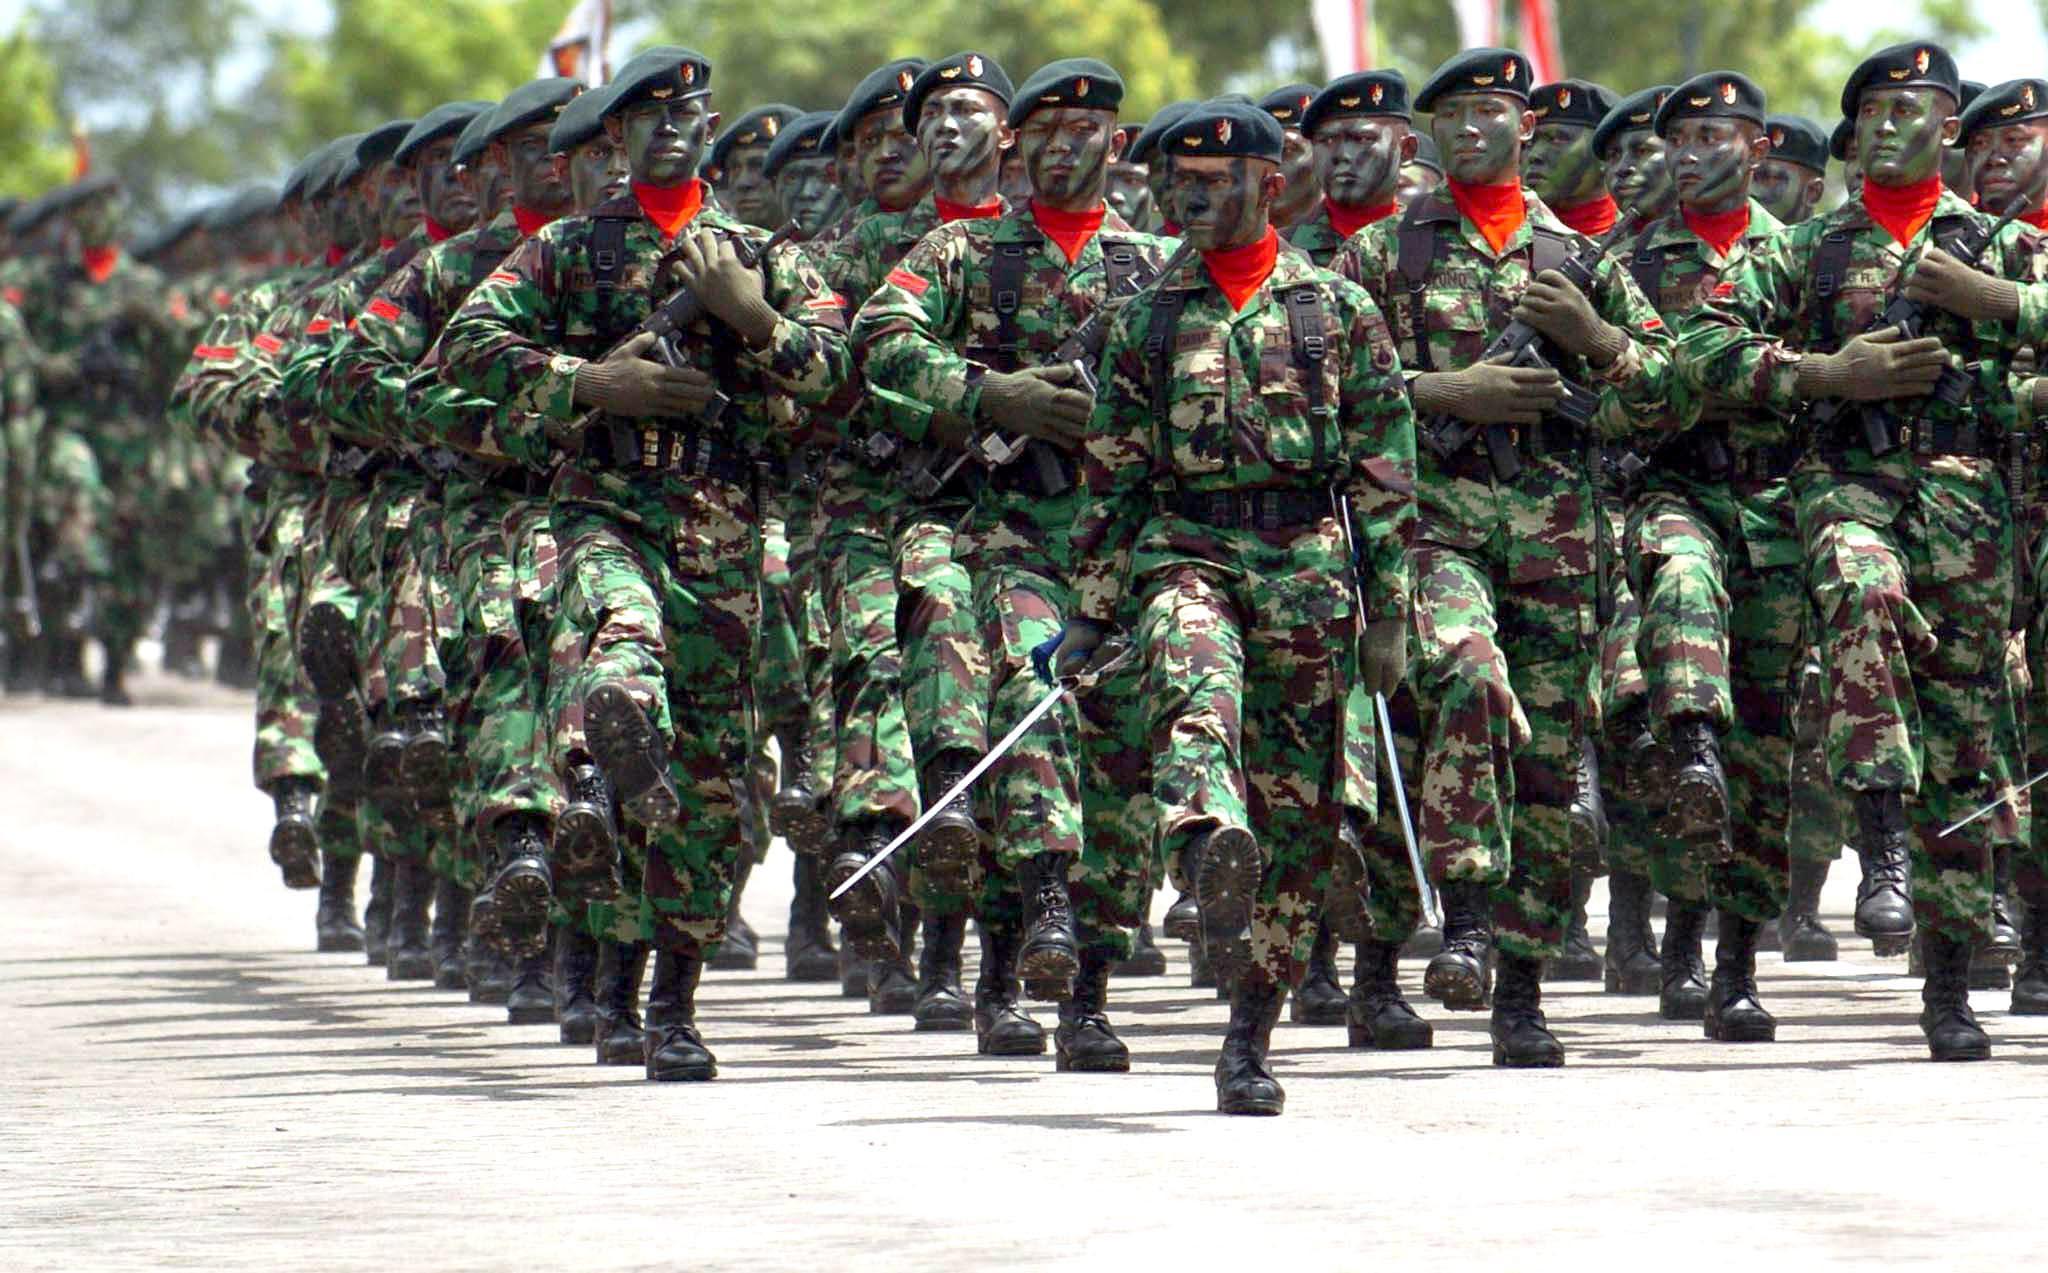 GFP, Kekuatan Militer Indonesia Terkuat di Asia Tenggara, Bahkan No 15